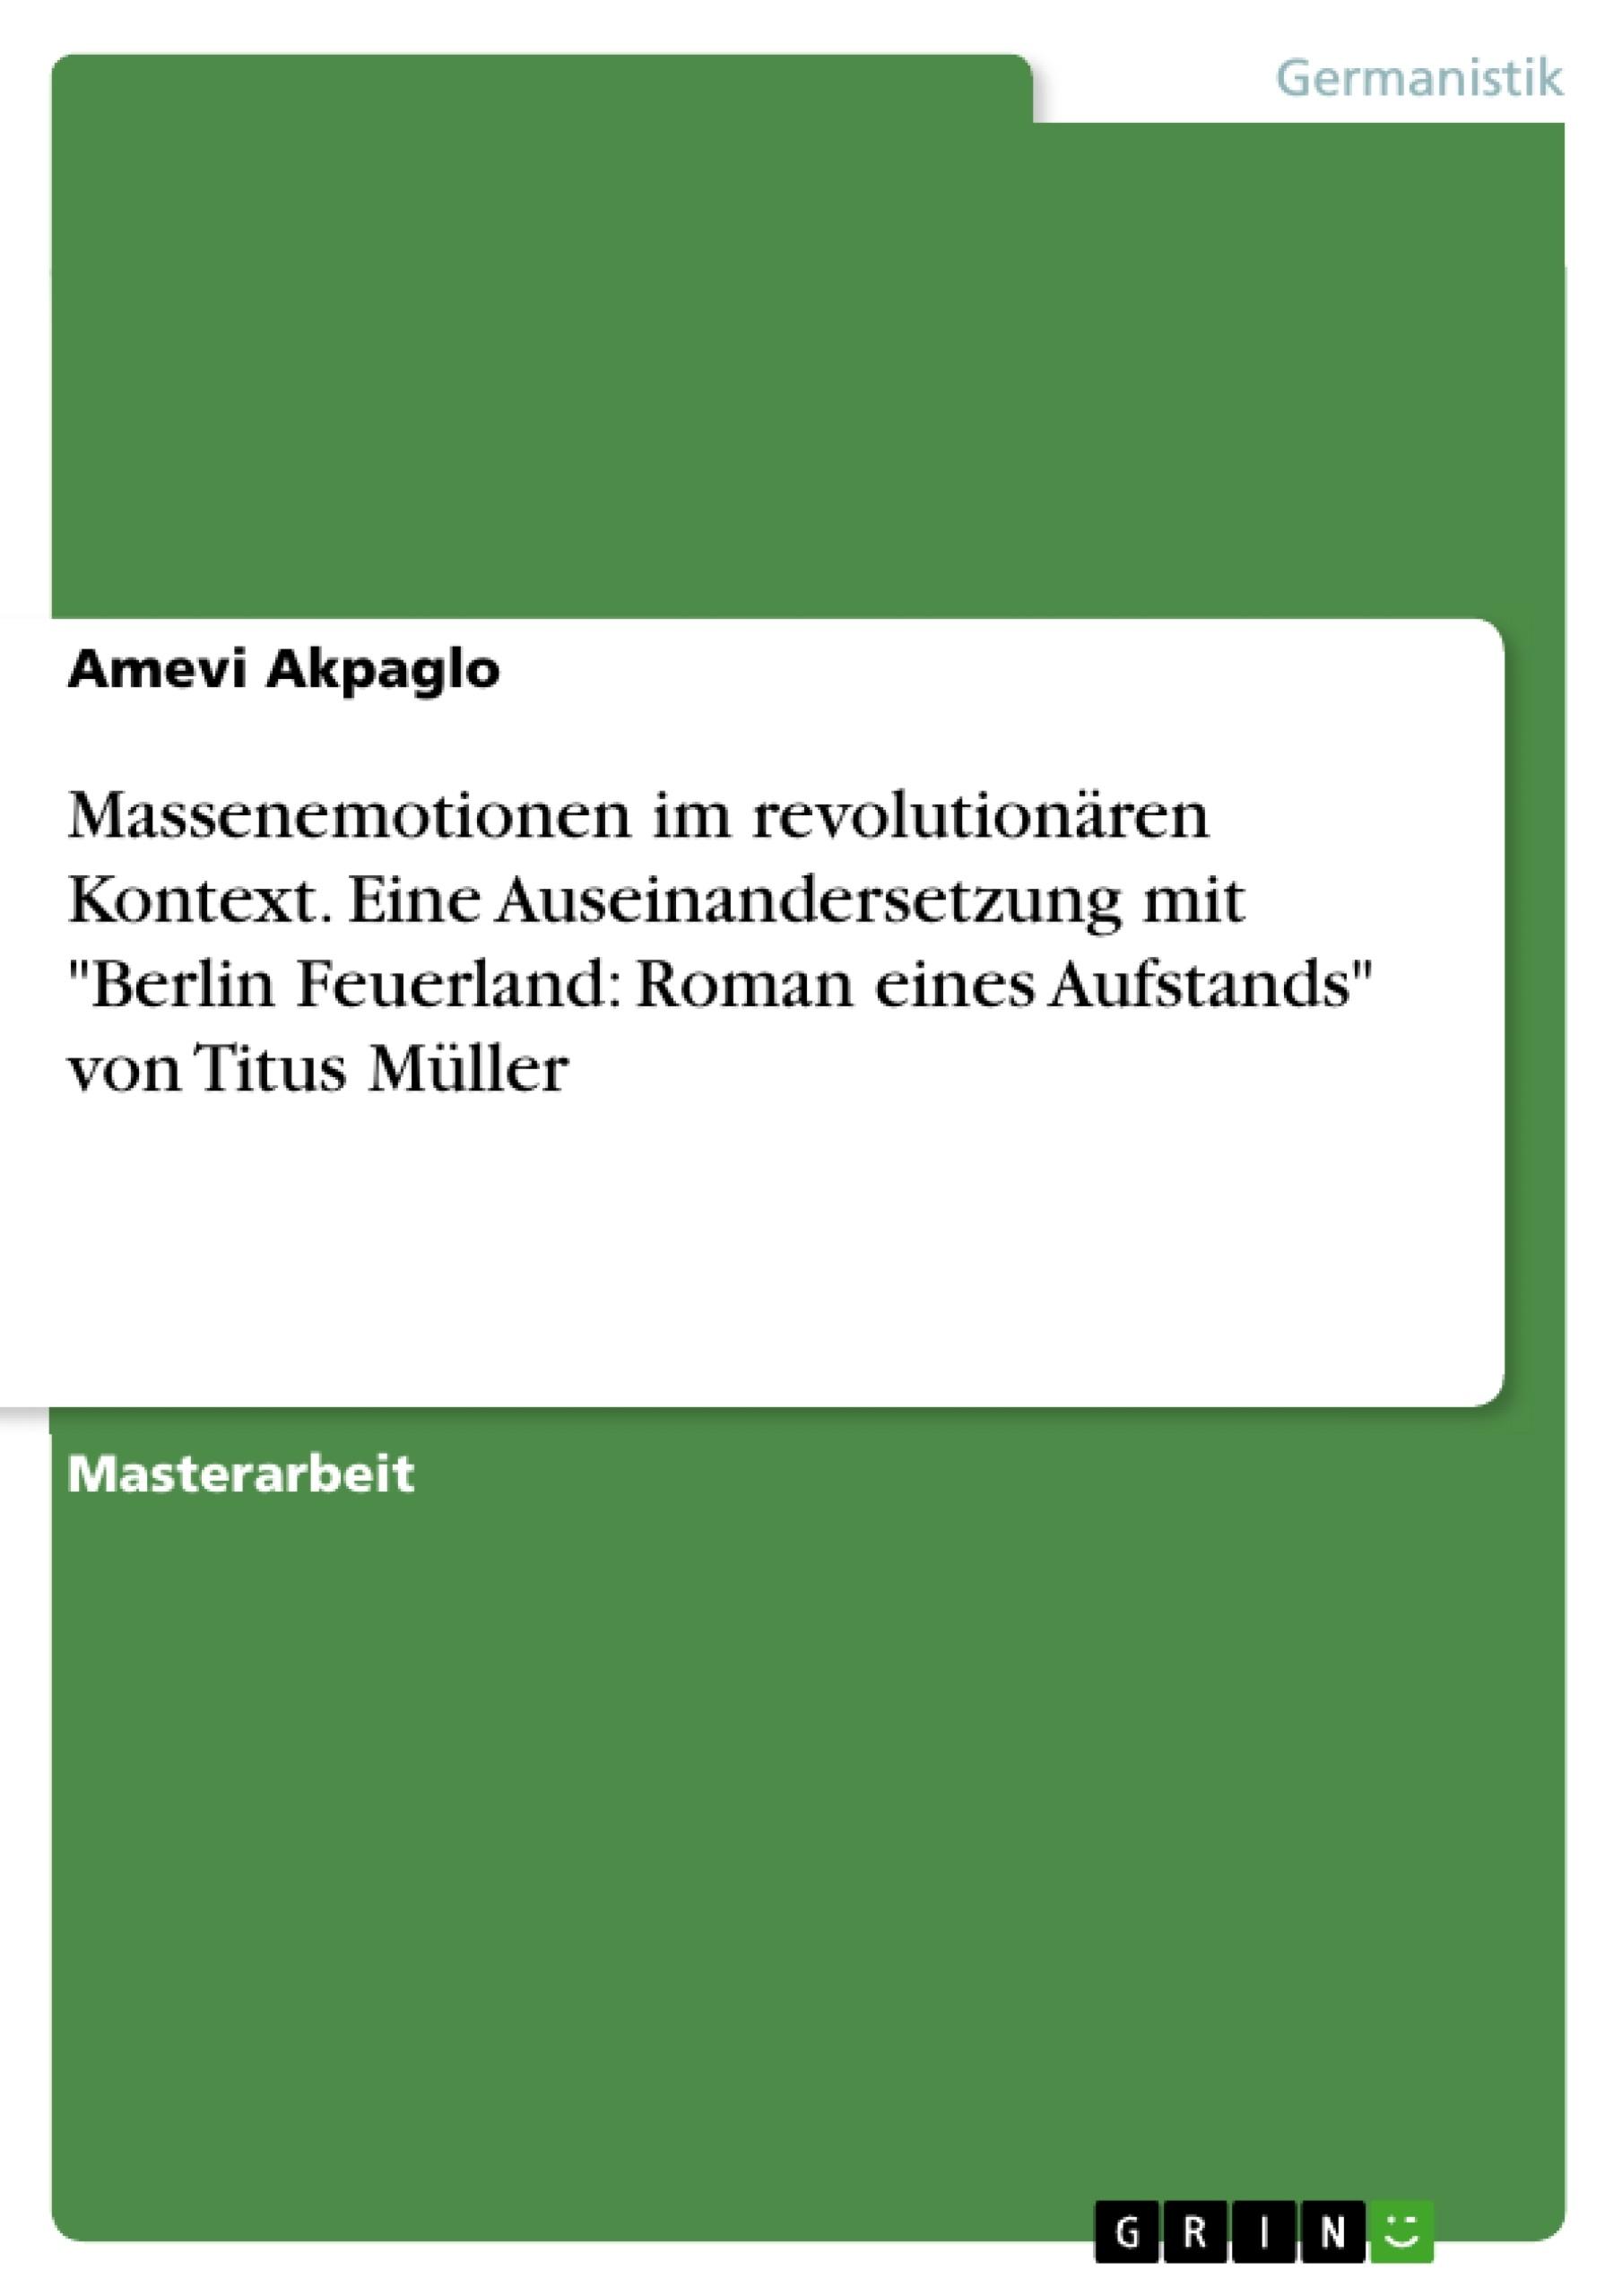 """Titel: Massenemotionen im revolutionären Kontext. Eine Auseinandersetzung mit """"Berlin Feuerland: Roman eines Aufstands"""" von Titus Müller"""